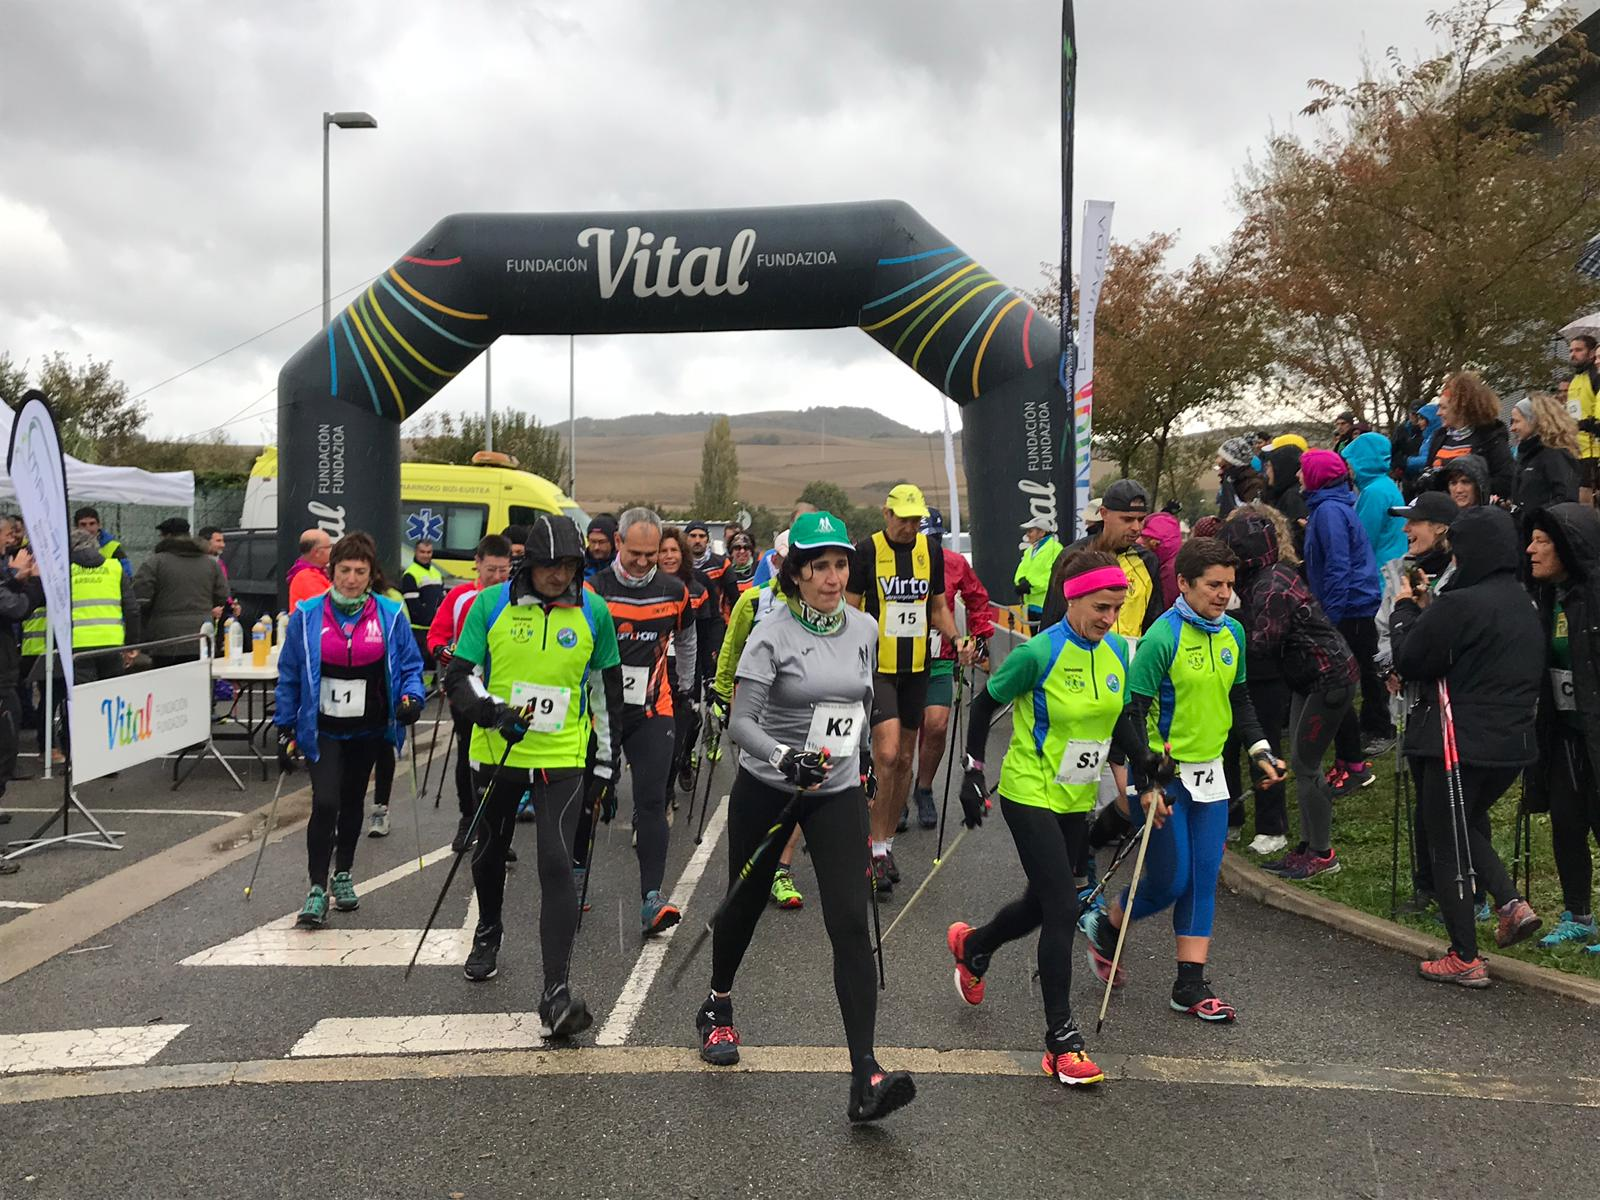 Com preparar-se per participar a una cursa de 21km?